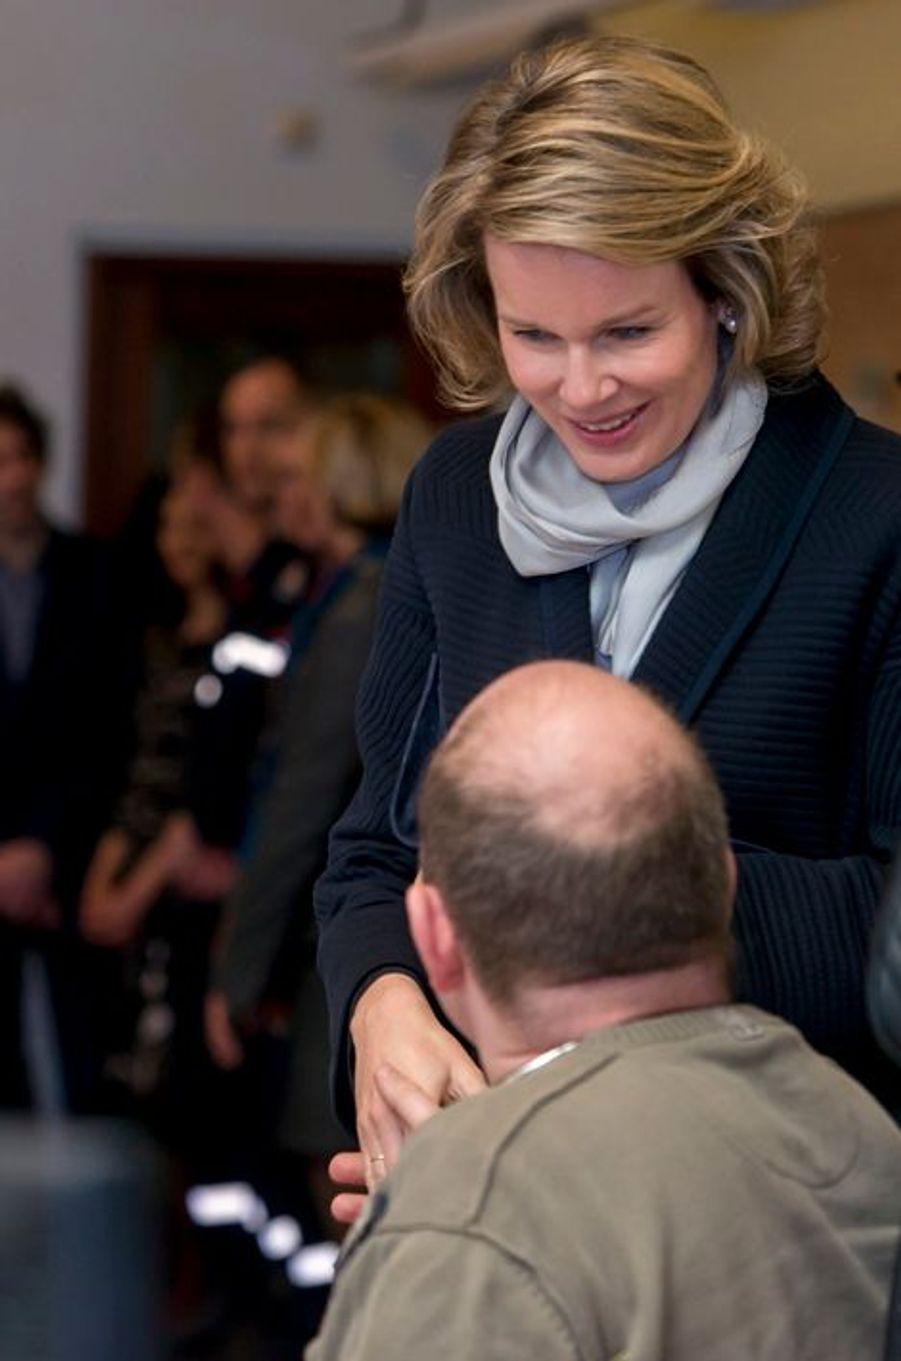 La reine Mathilde de Belgique au centre 112 de Bruxelles, le 25 mars 2016